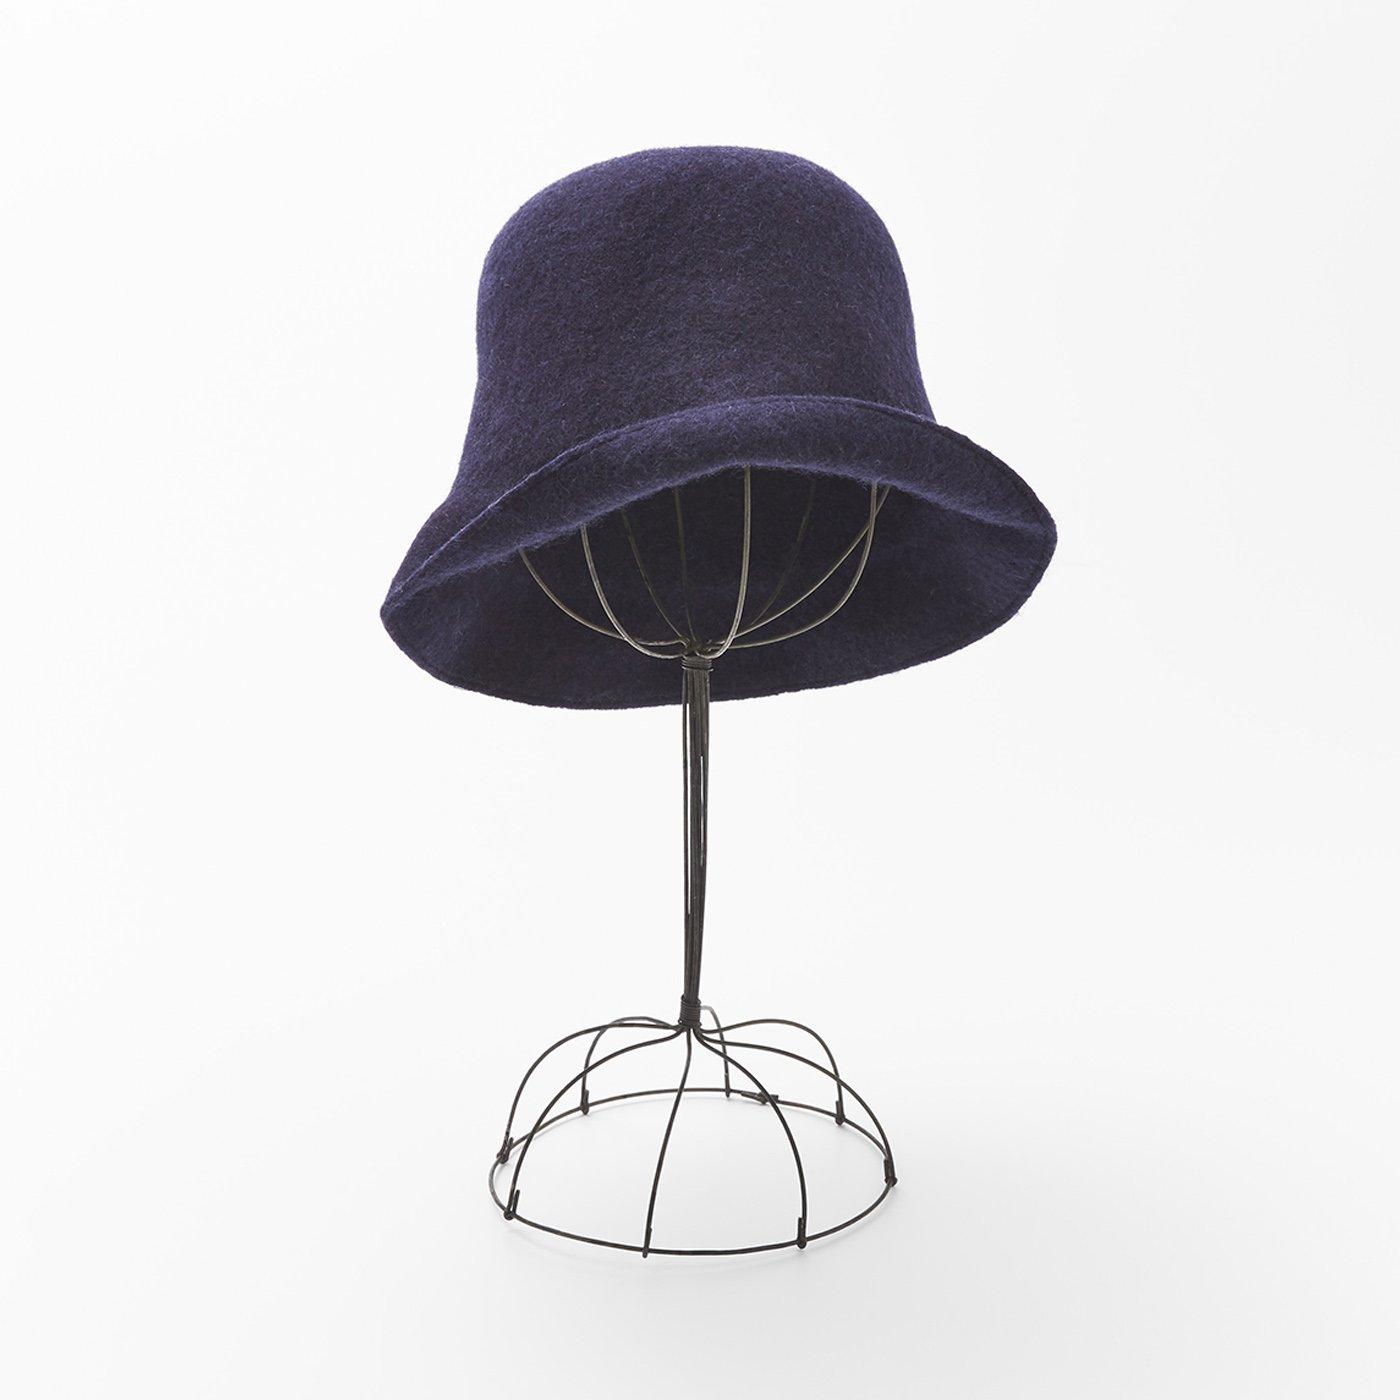 odds バスクのハット帽〈ネイビー〉